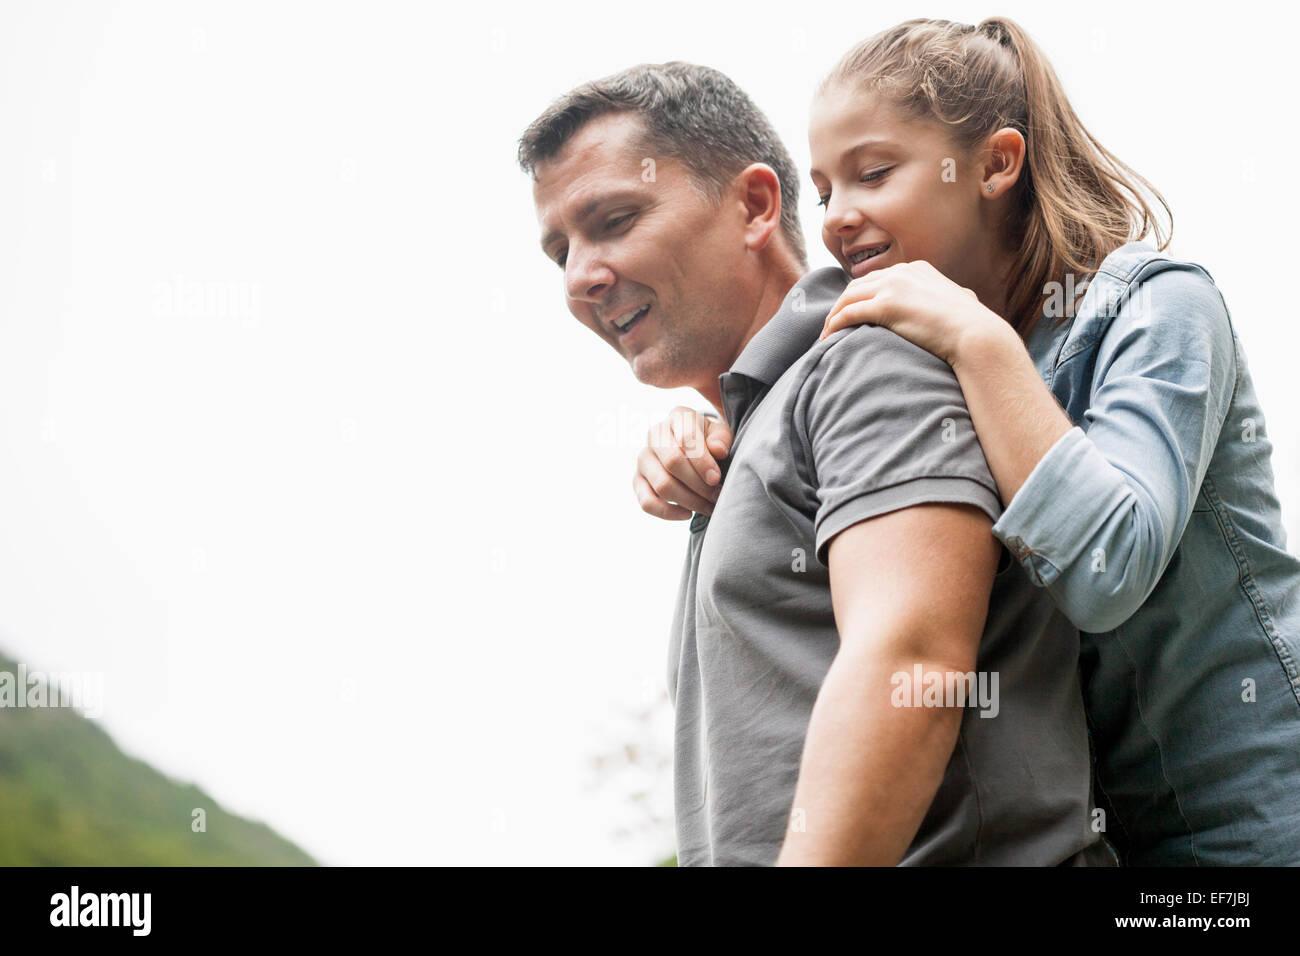 Padre e hija disfrutando en un parque Foto de stock